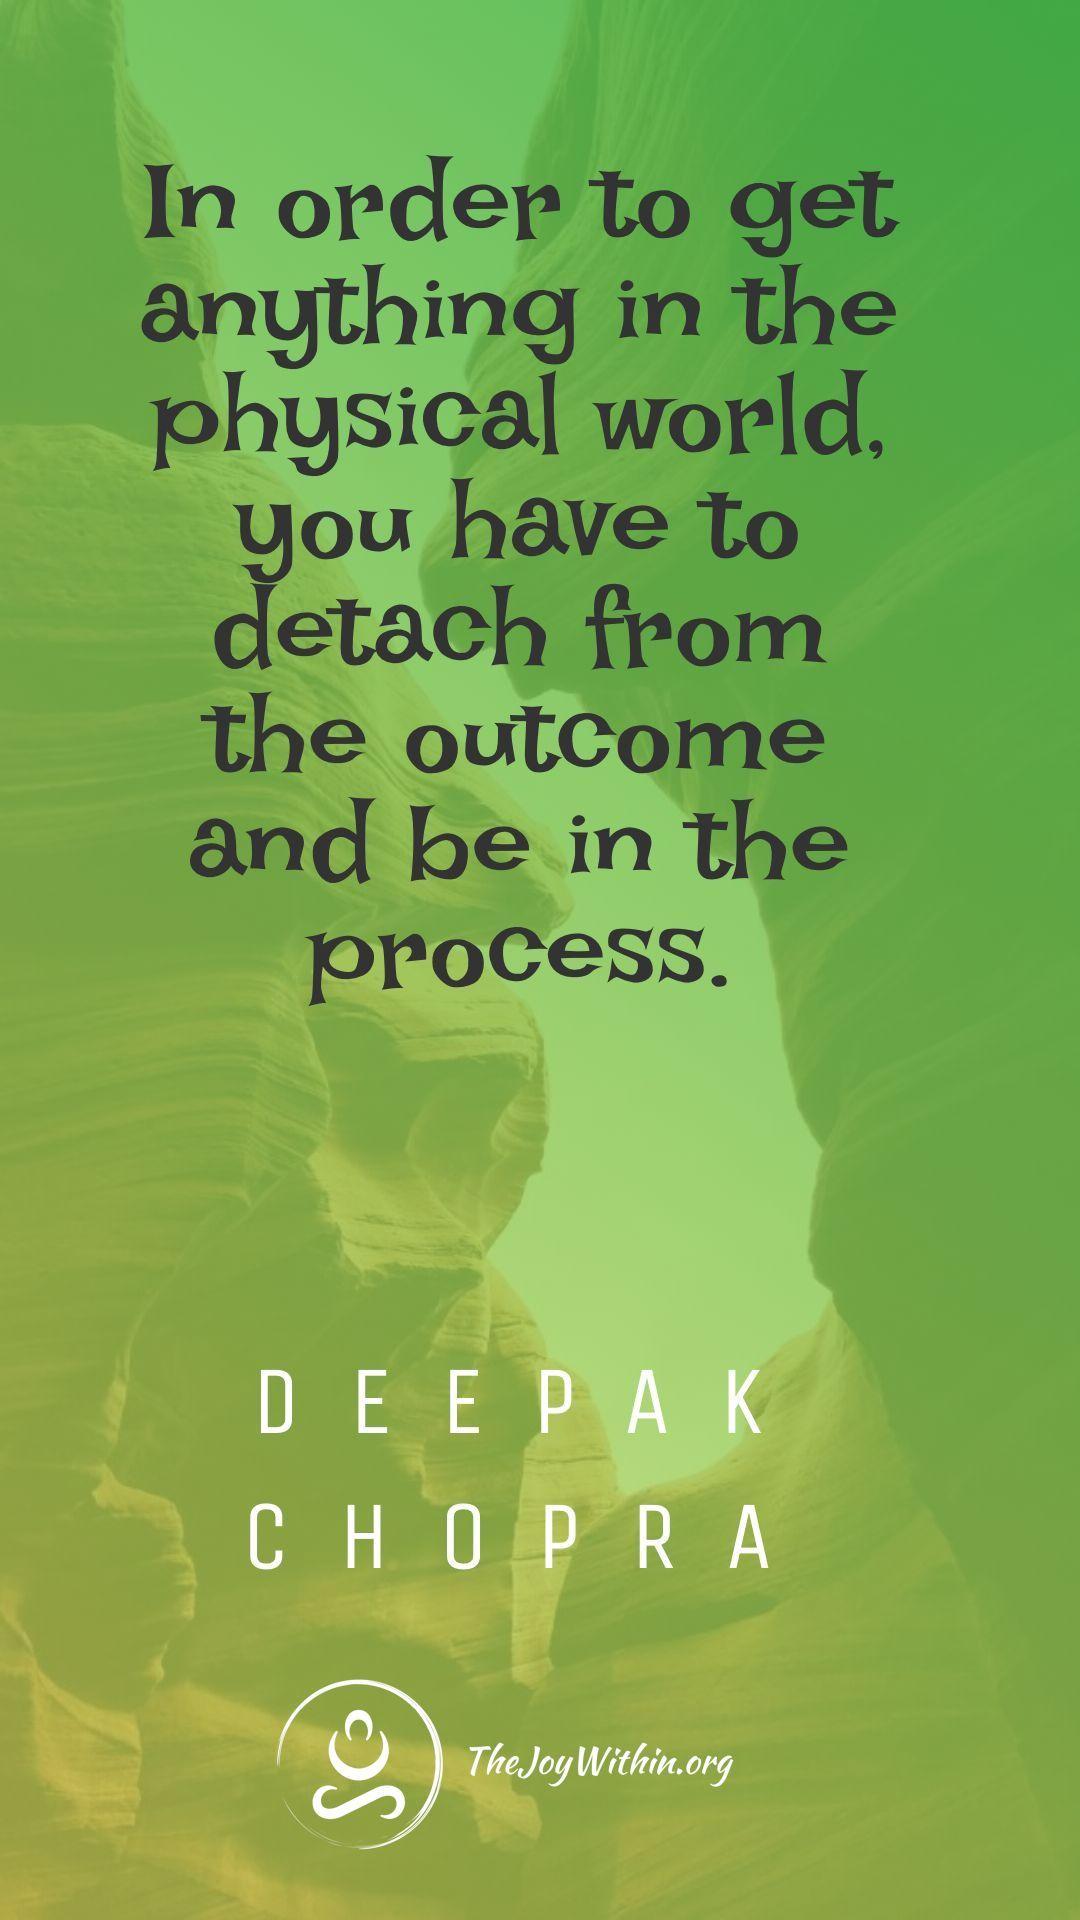 Deepak Chopra Explains The Law Of Detachment Law Of Detachment Detachment Quotes Deepak Chopra Quotes